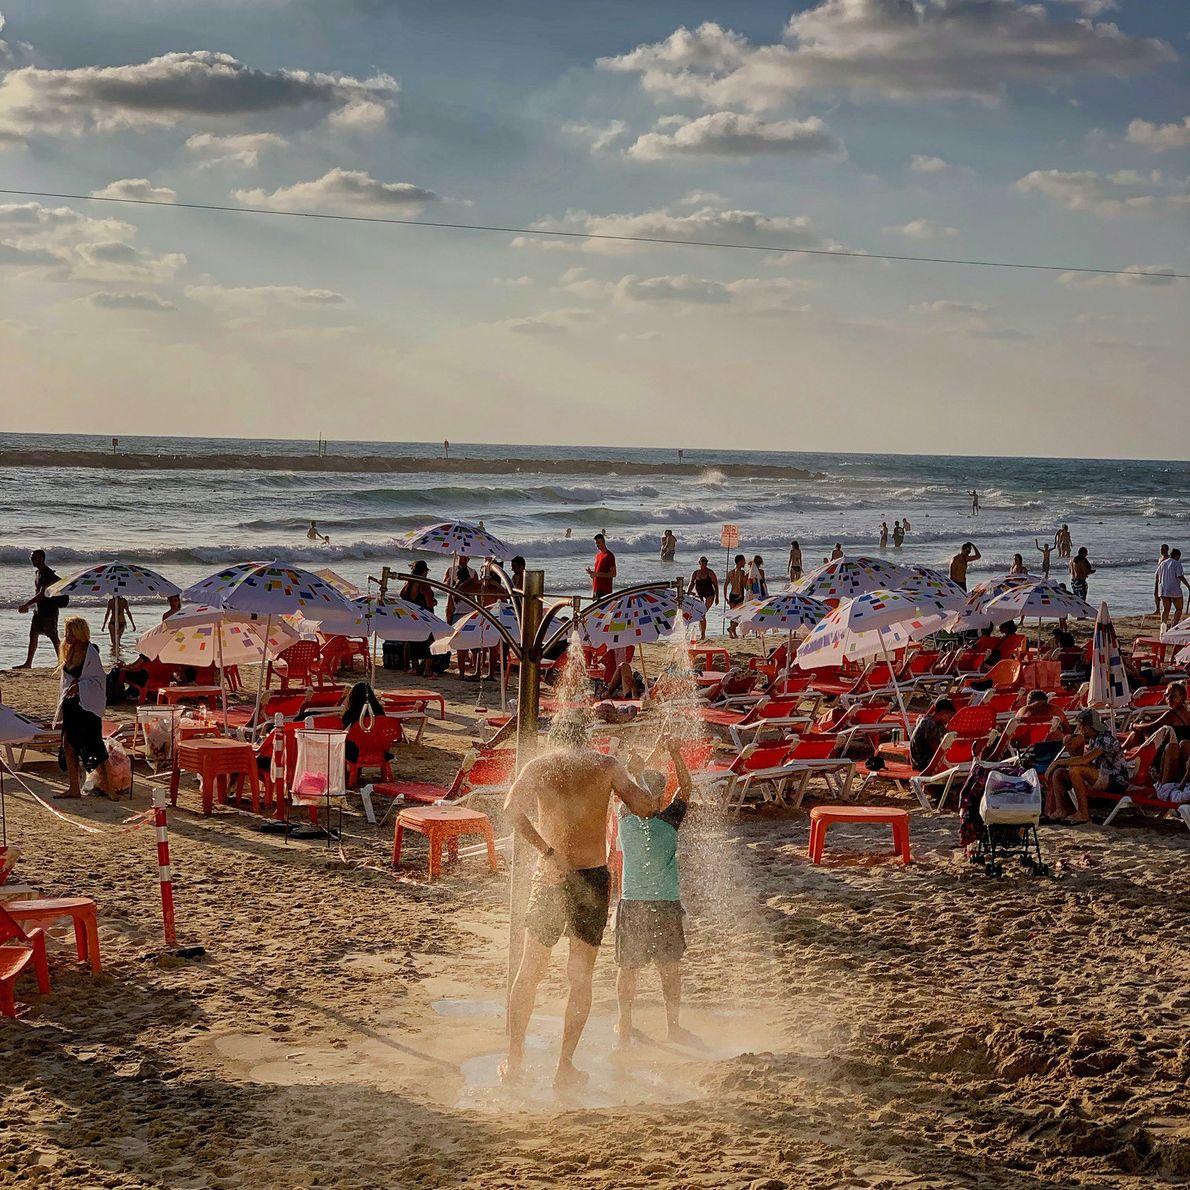 Tel Aviv, Israel